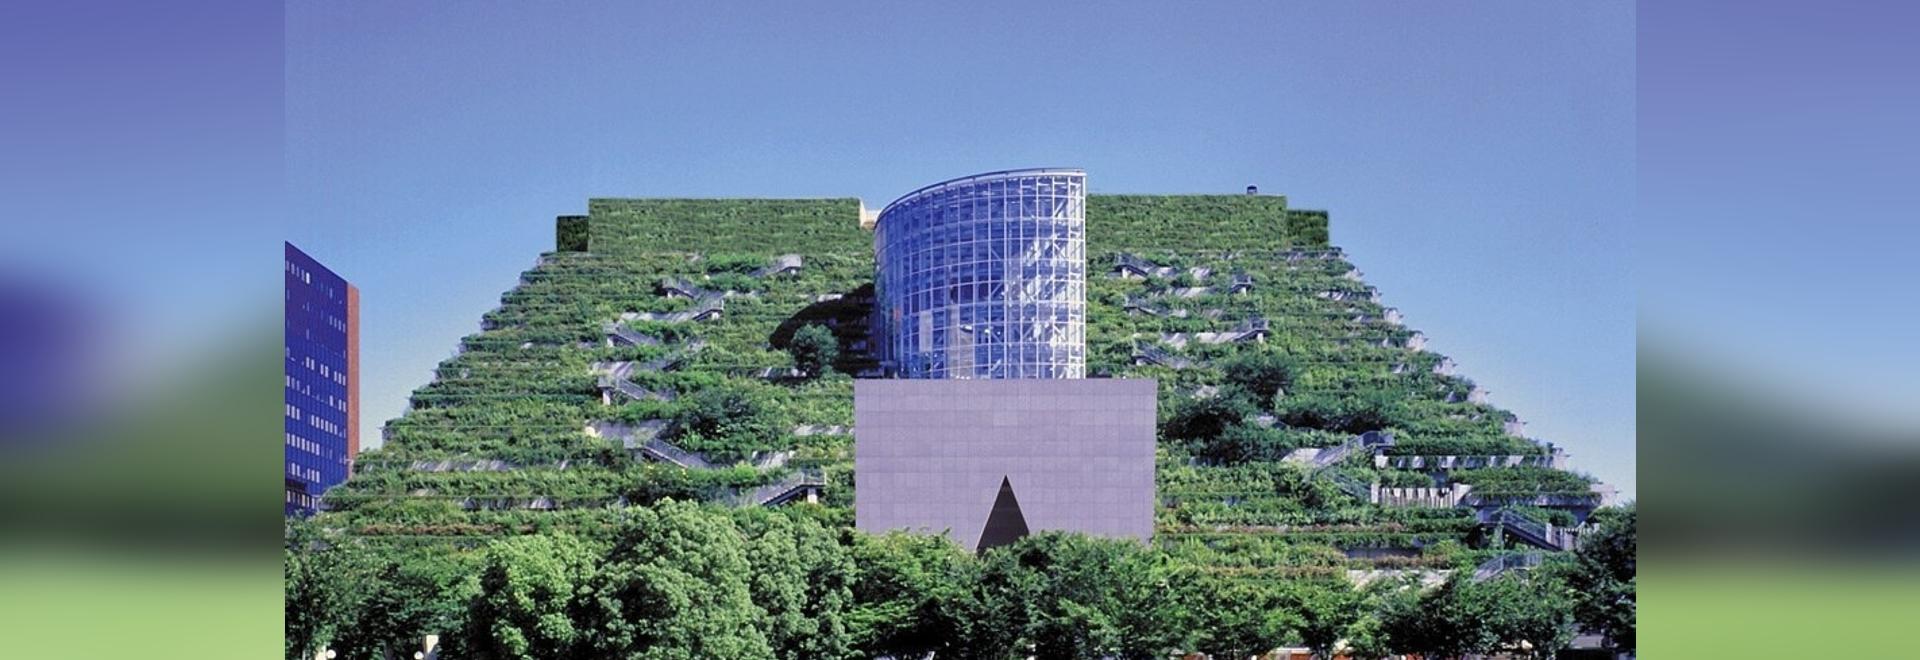 Centro ACROS a Fukuoka, Giappone